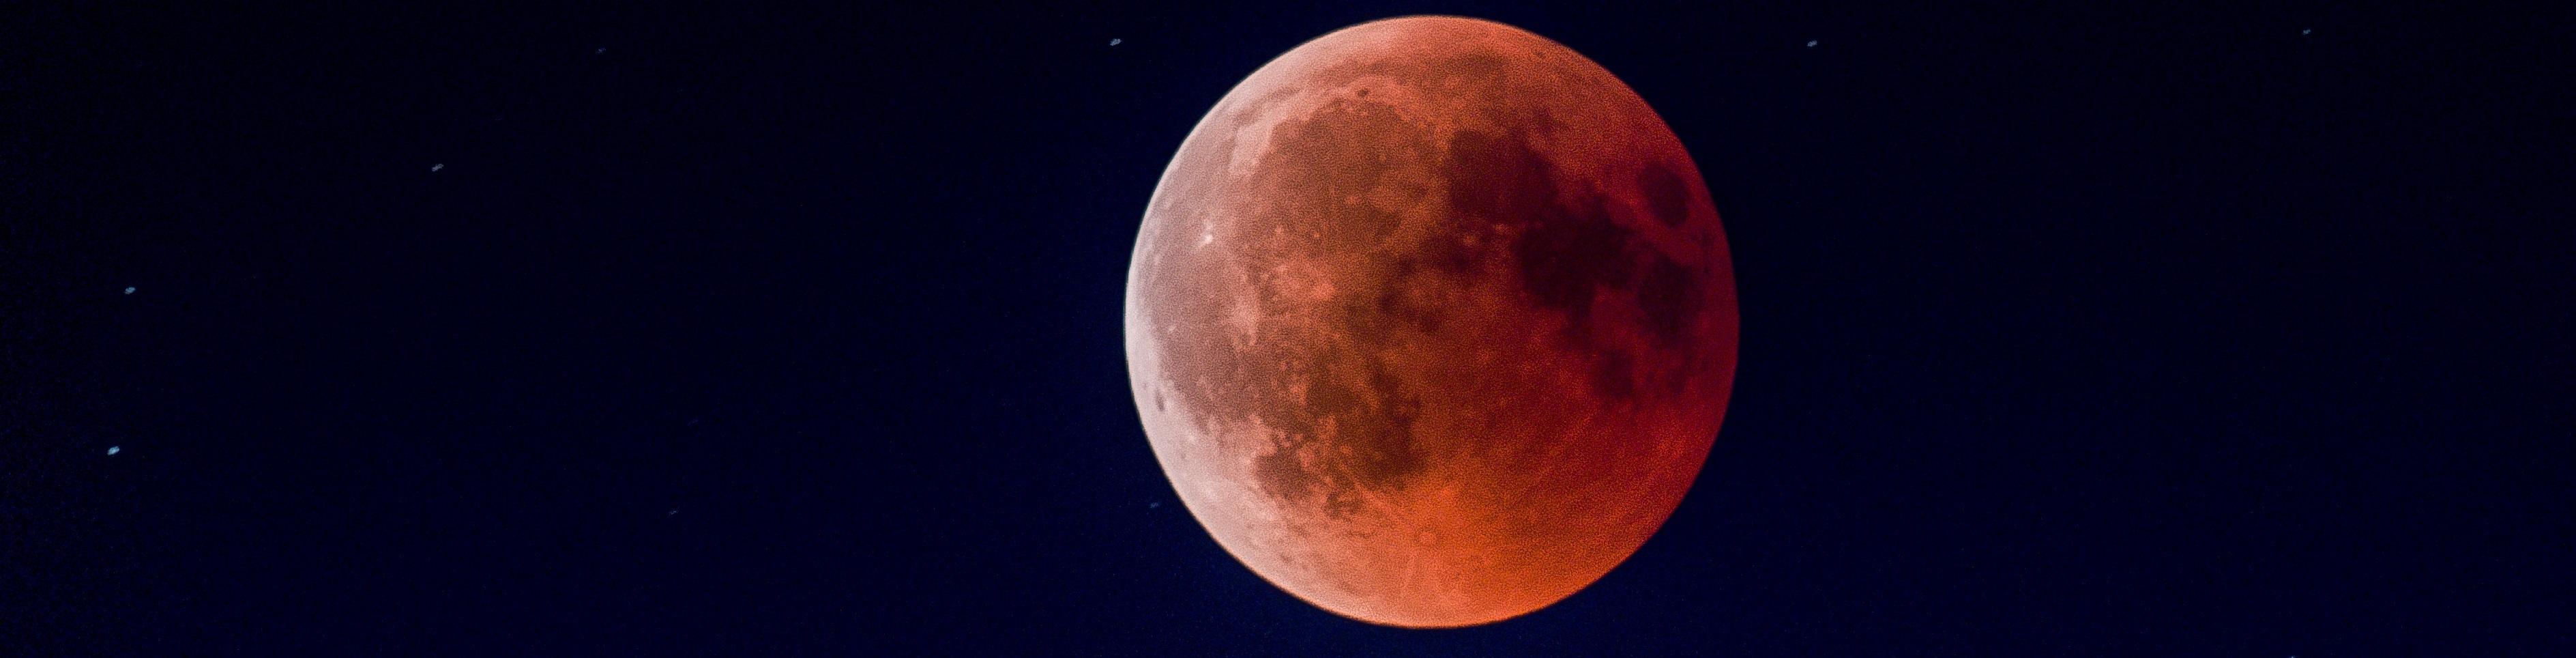 Enrojecimiento de la Luna por la luz del Sol